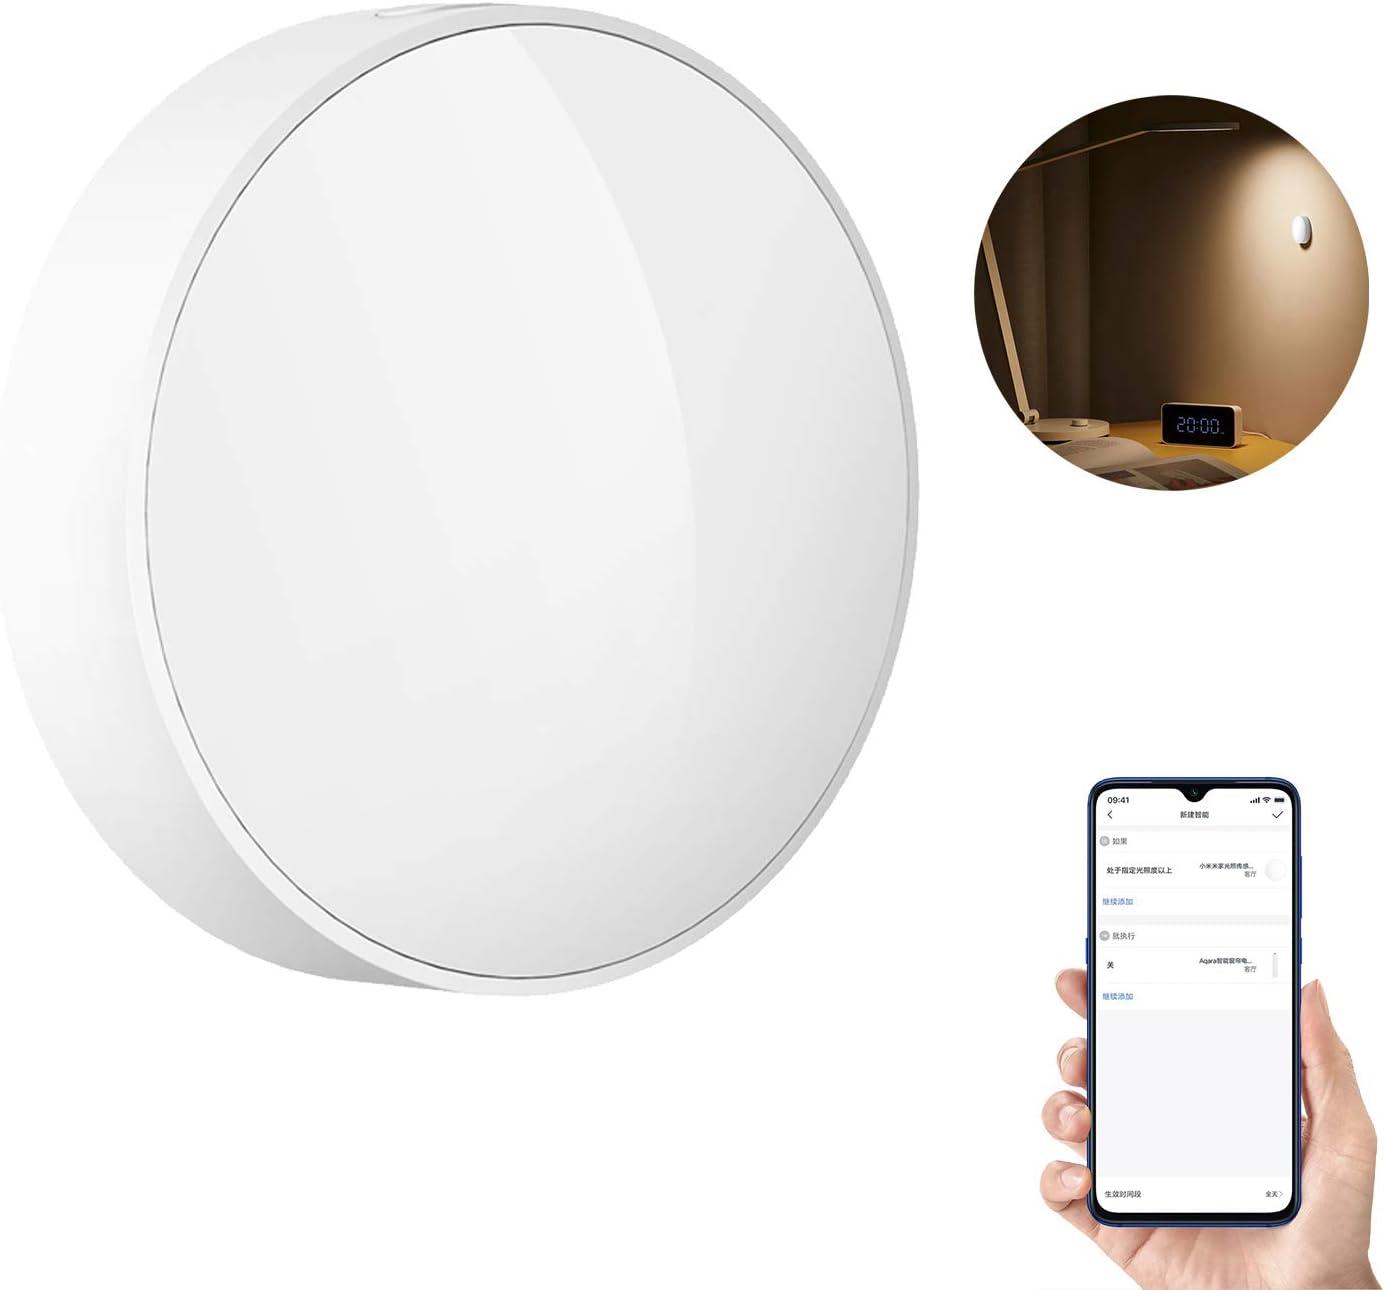 Sensor de Luz Inteligente para Xiaomi Mijia Zigbee 3.0 Conexión Inteligente a Prueba de Agua con Detección de Luz Utilizada con Puerta de Enlace ...